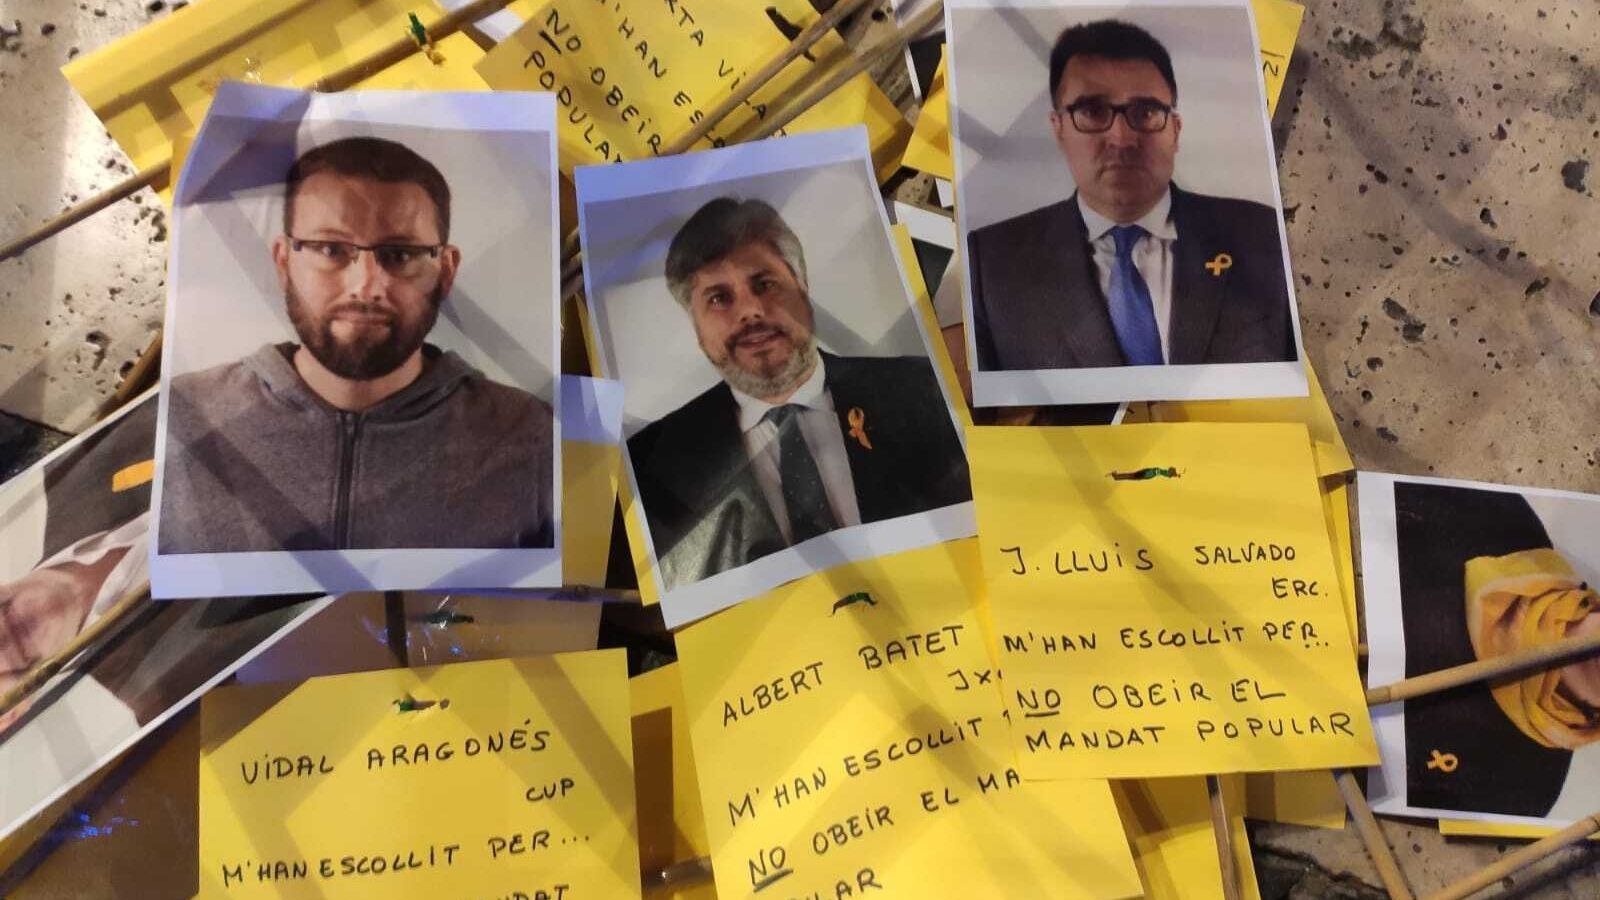 Éls cartells amb les fotografies dels diputats